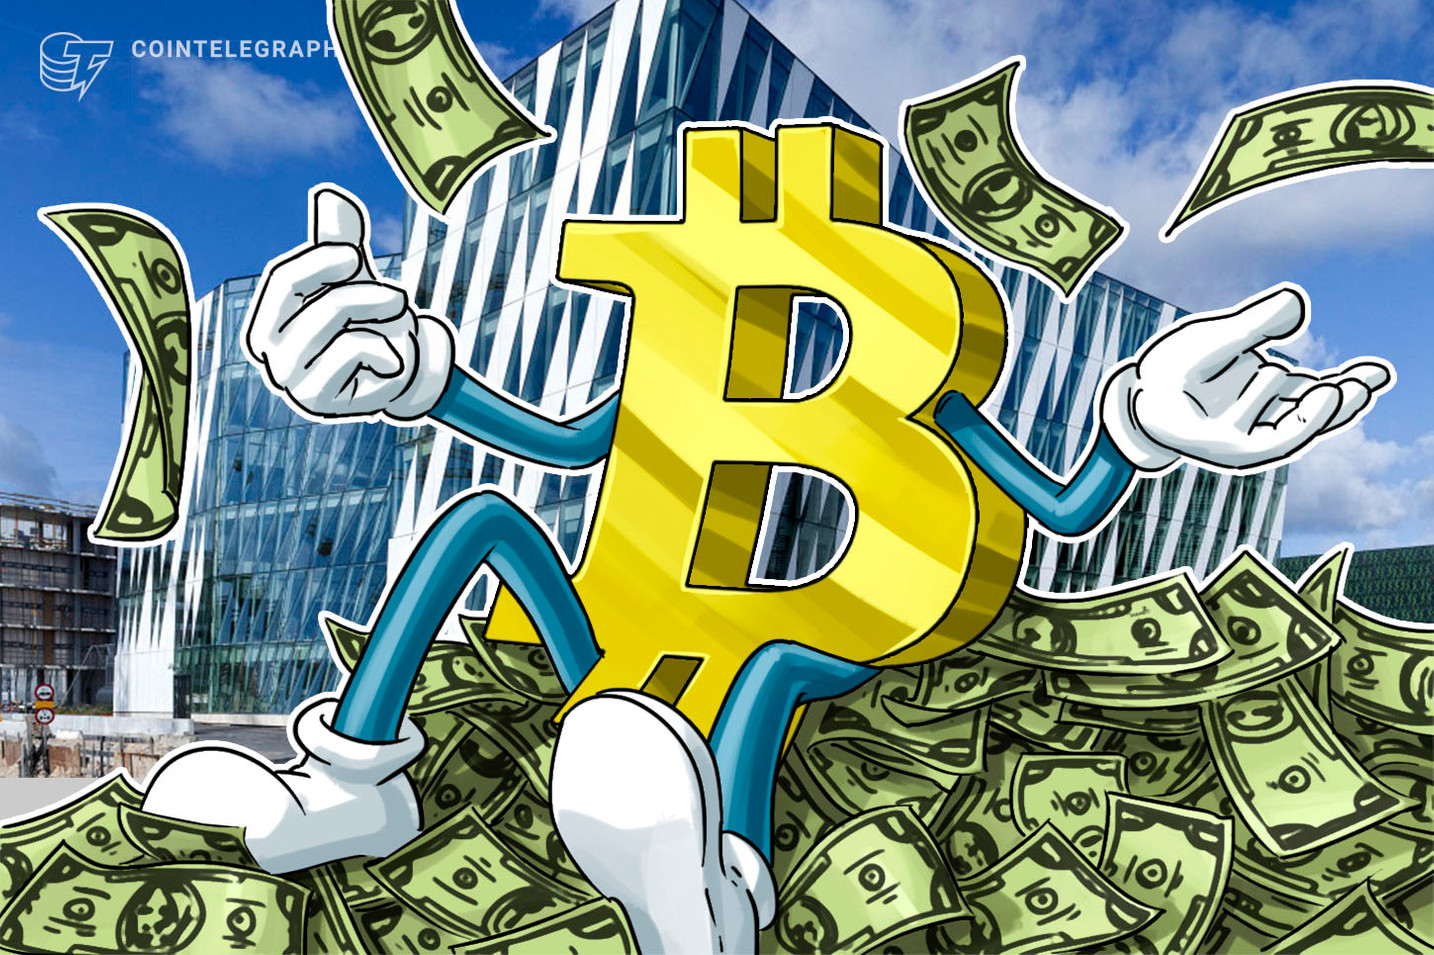 Iako se Bakkt vrednuje na 740 miliona dolara pre pokretanja, investitori imaju pitanja